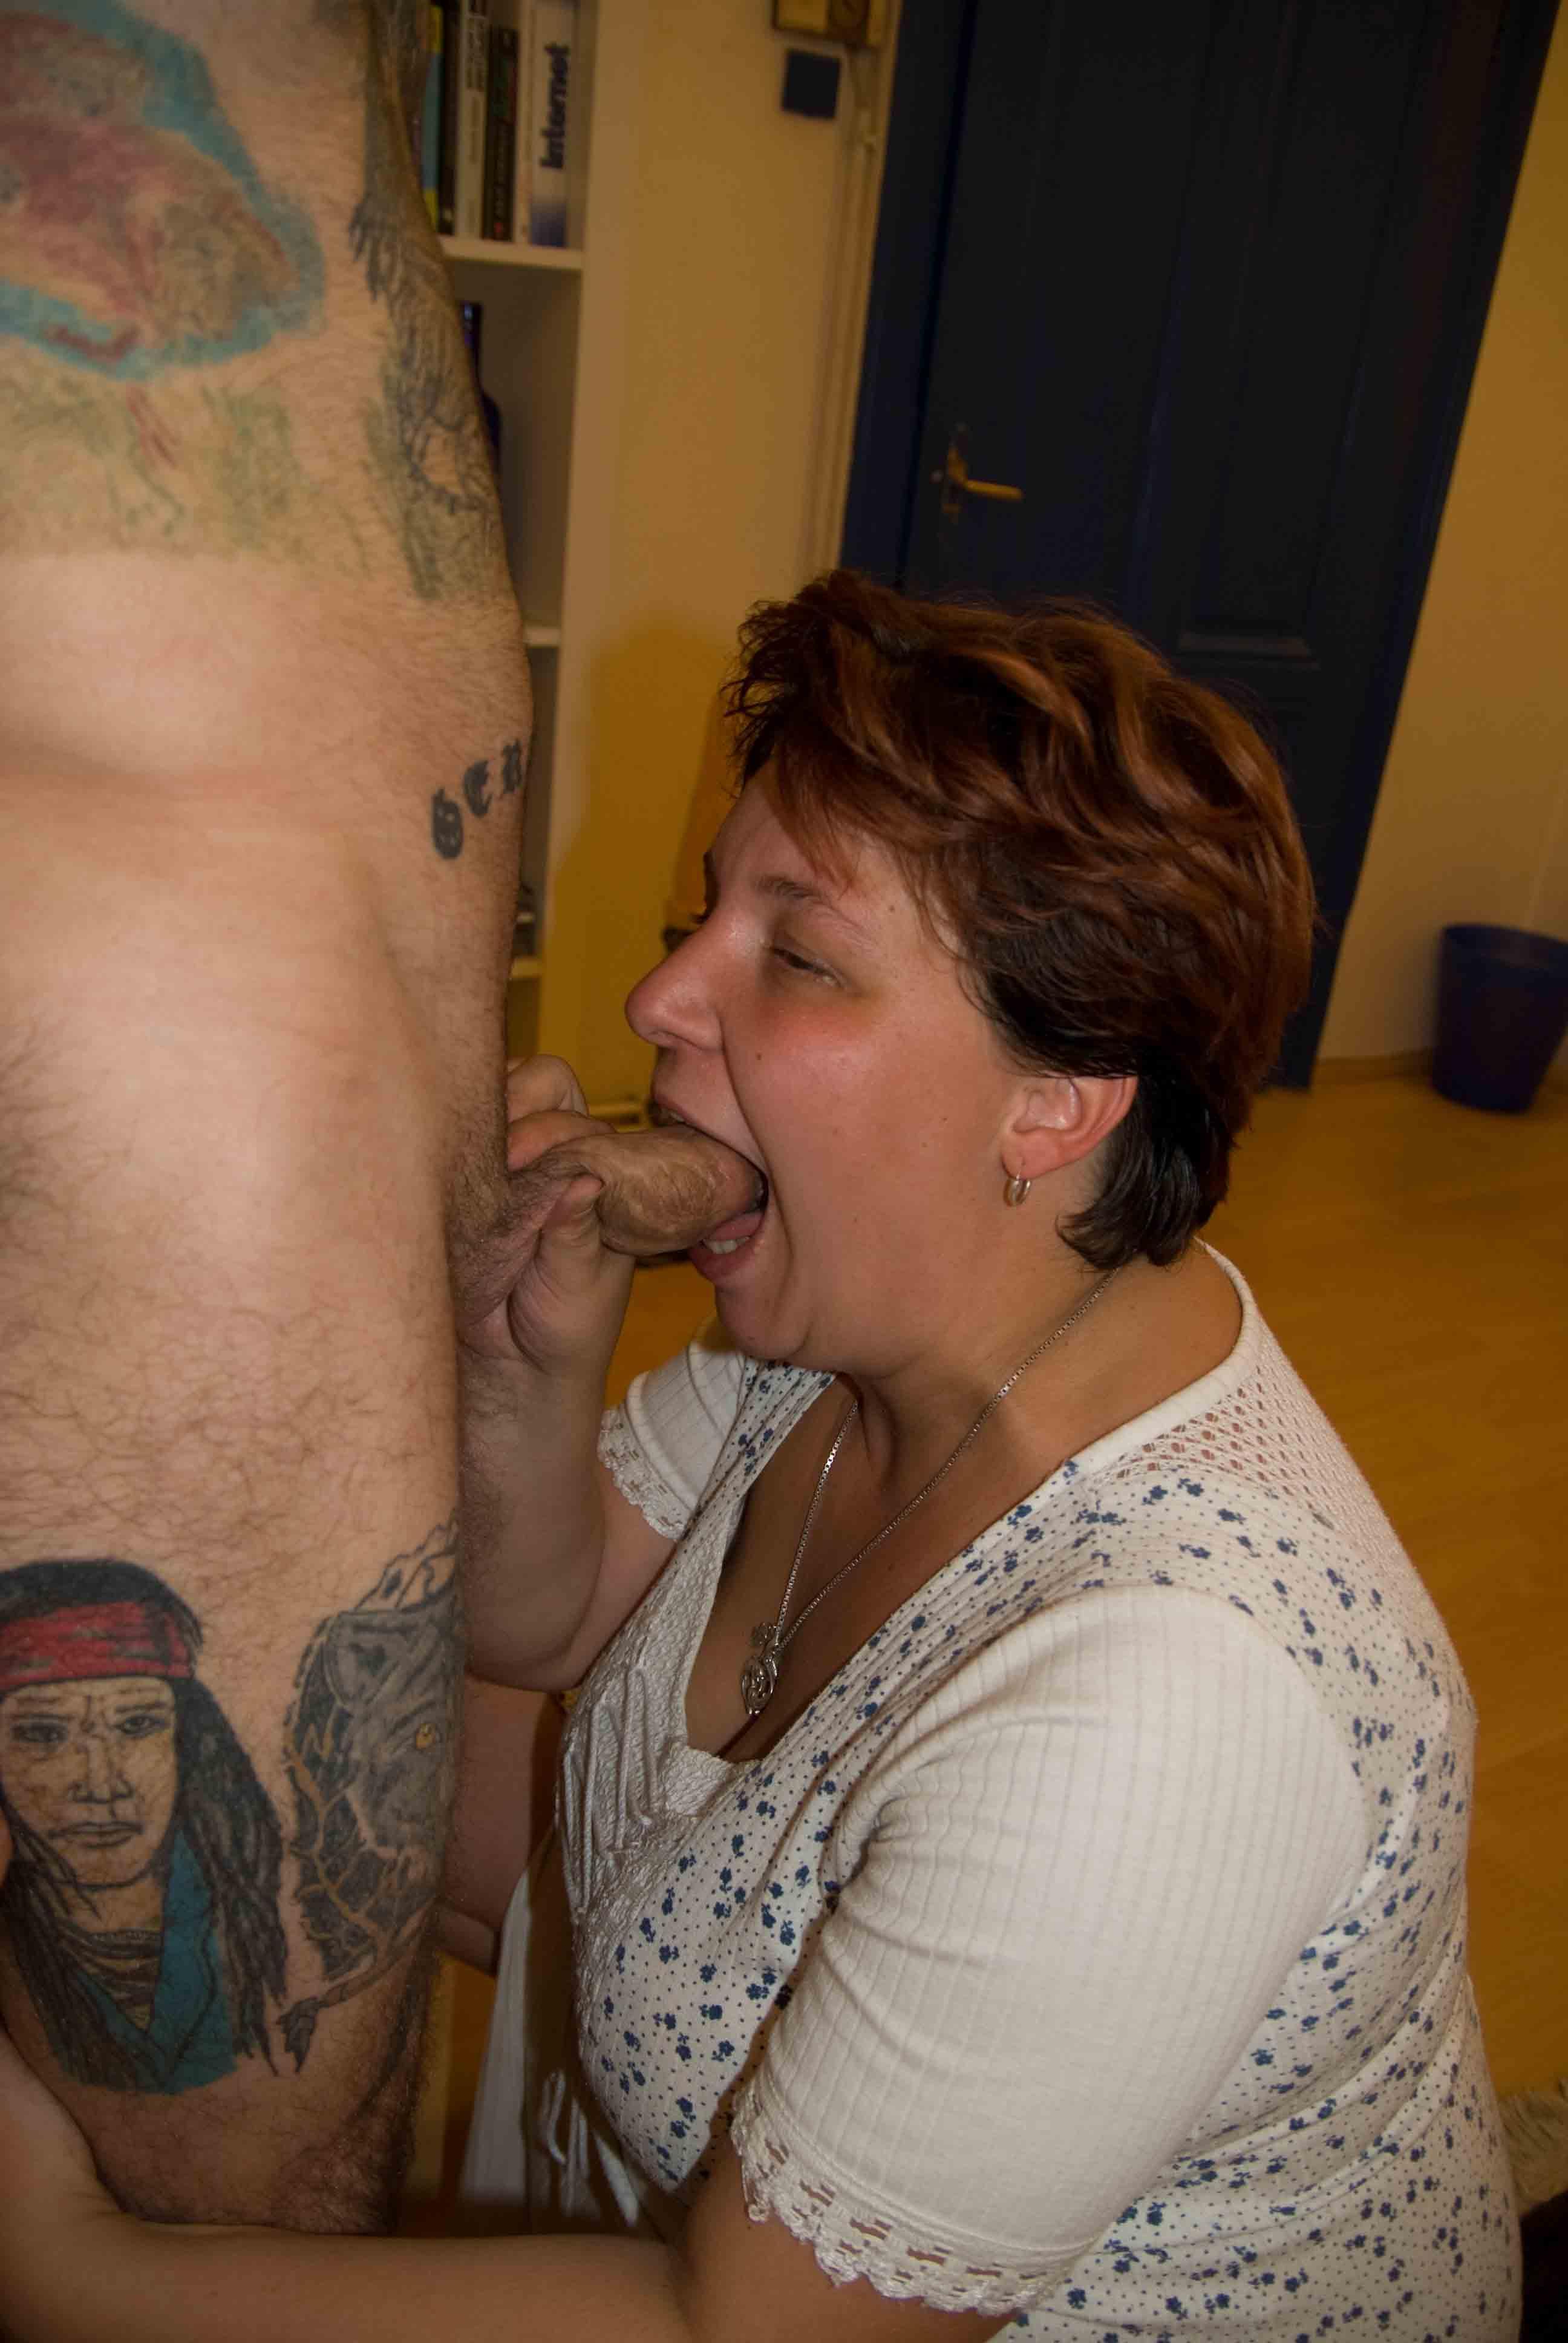 Amateur Chubby Drunk Wife